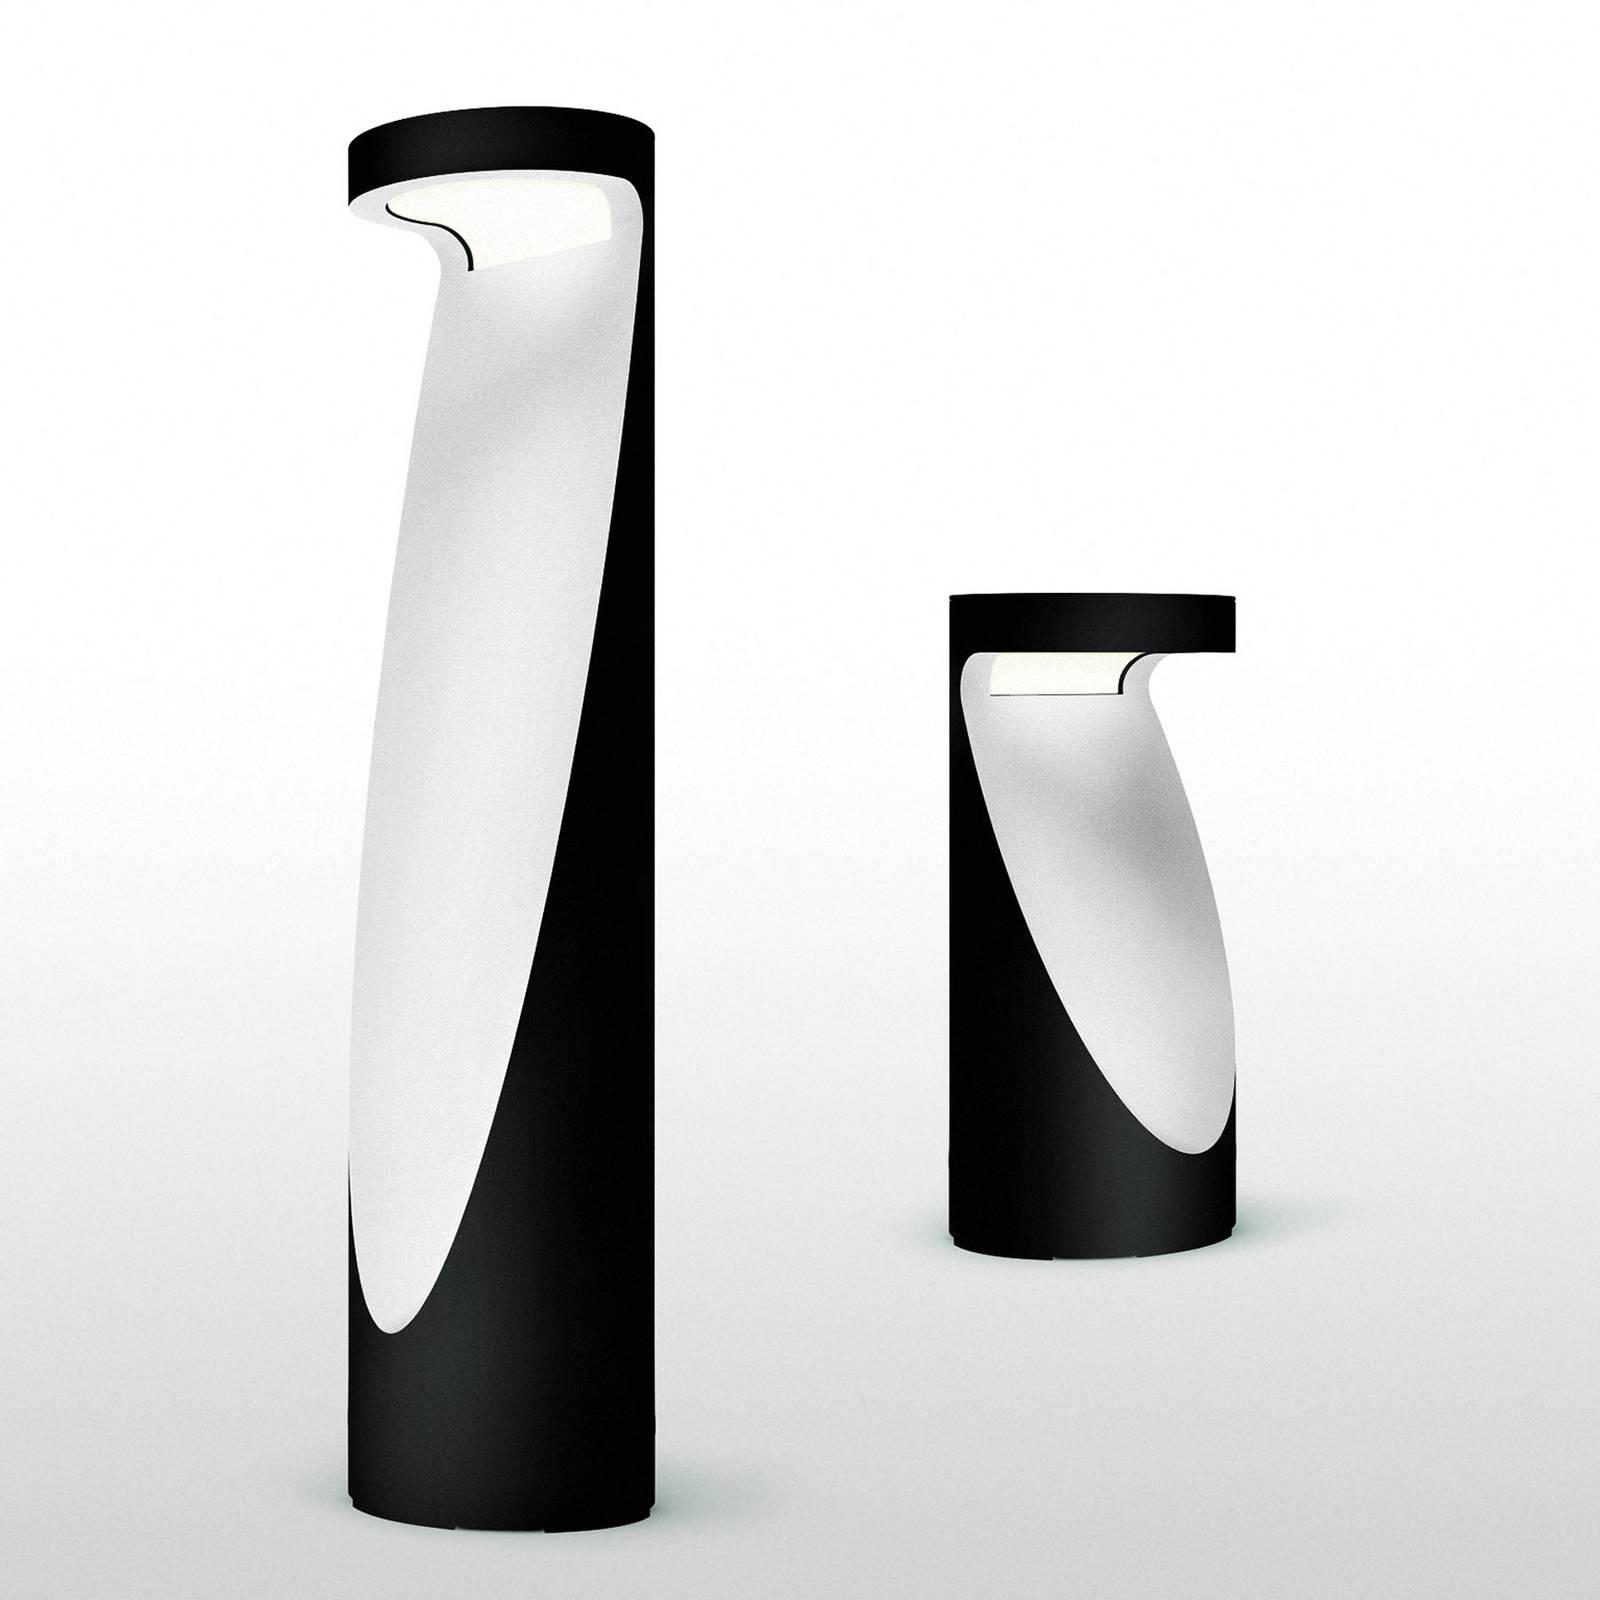 Artemide Ippolito 45 LED-Sockelleuchte